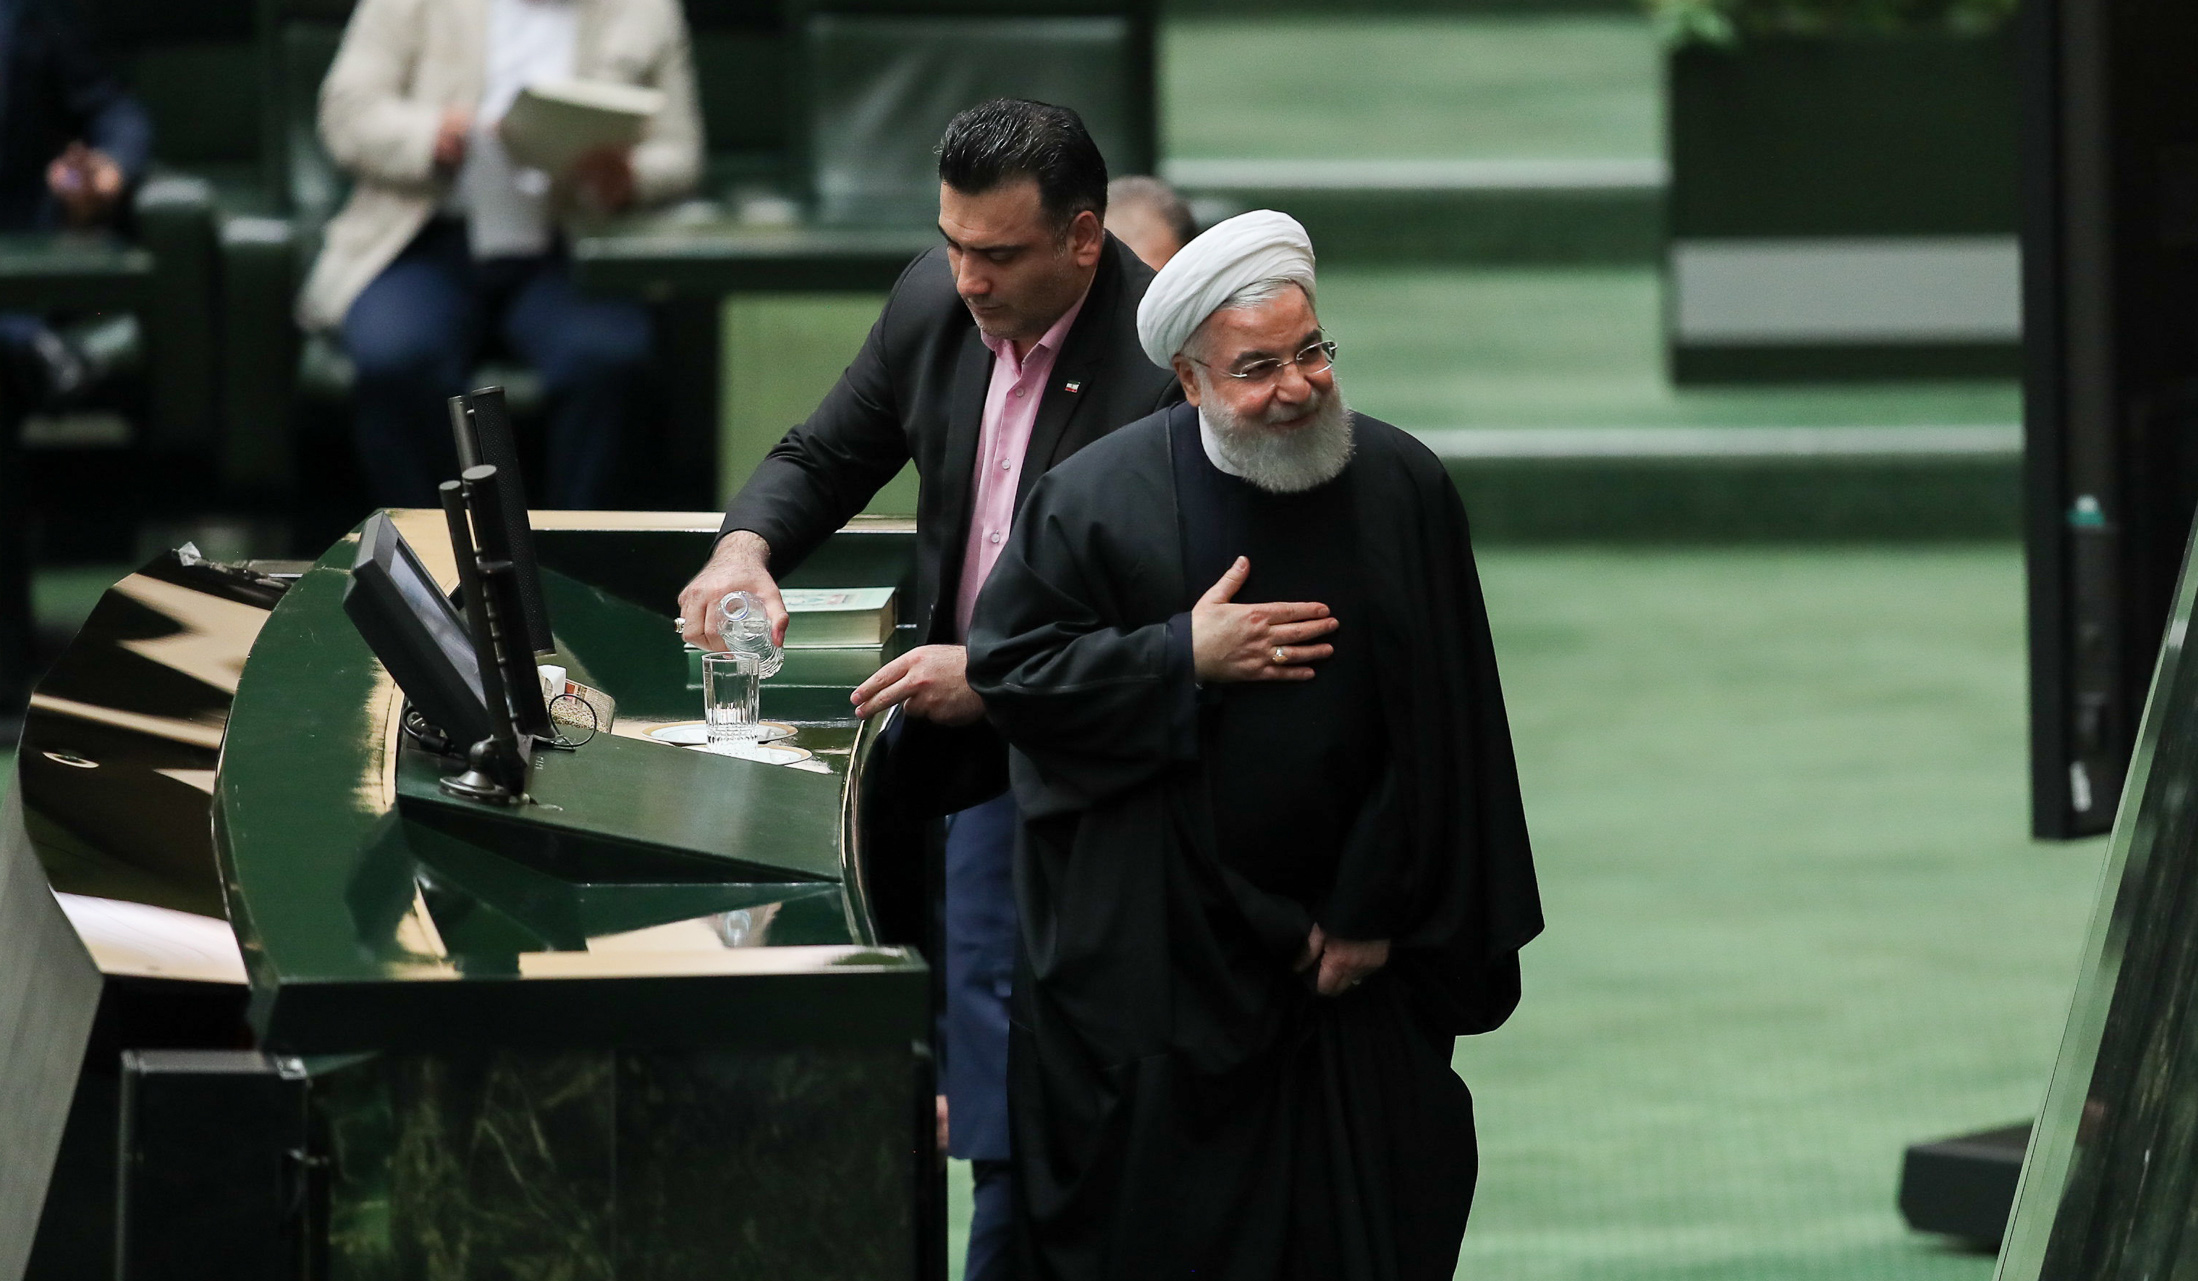 آیا حسن روحانی کلید پاستور را به یک نخست وزیر تحویل خواهد داد؟